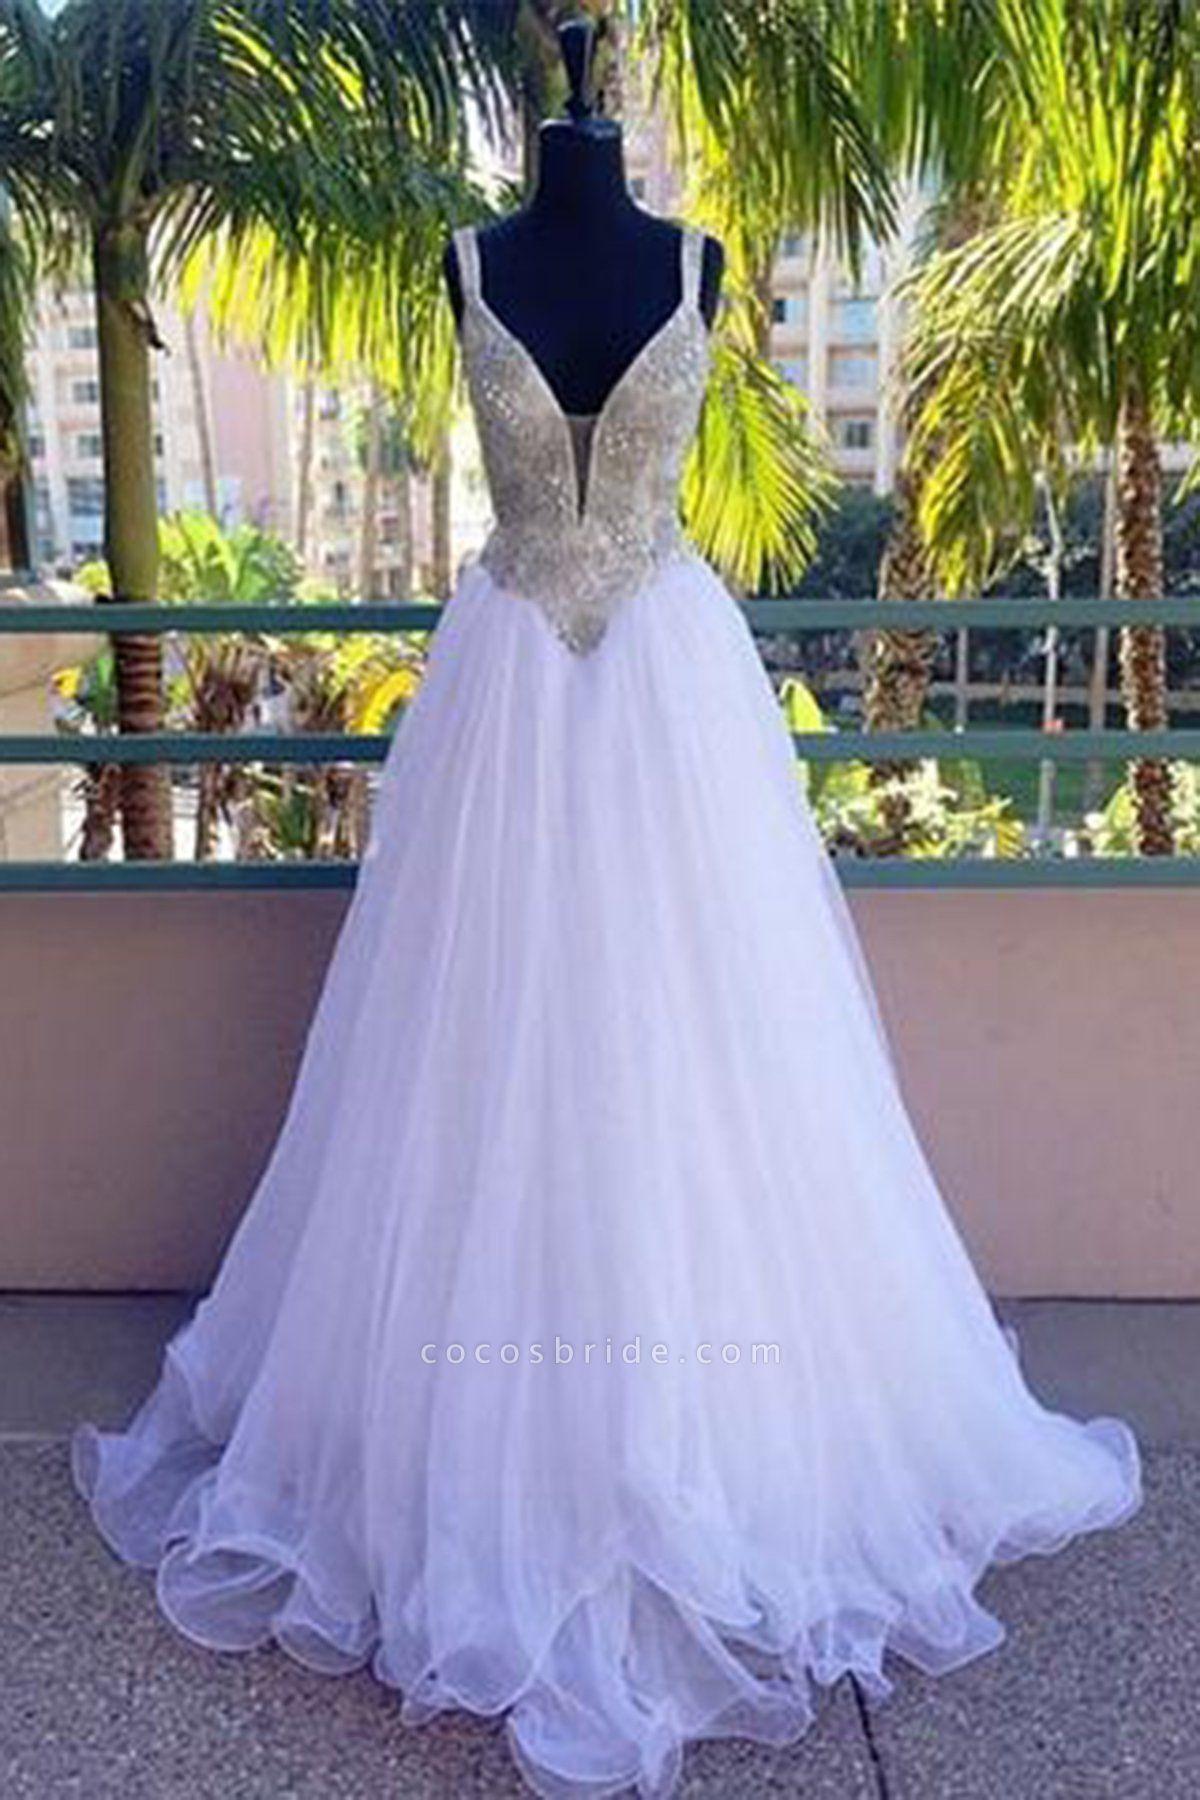 Stylish White Tulle Long Sequins Wedding Dress